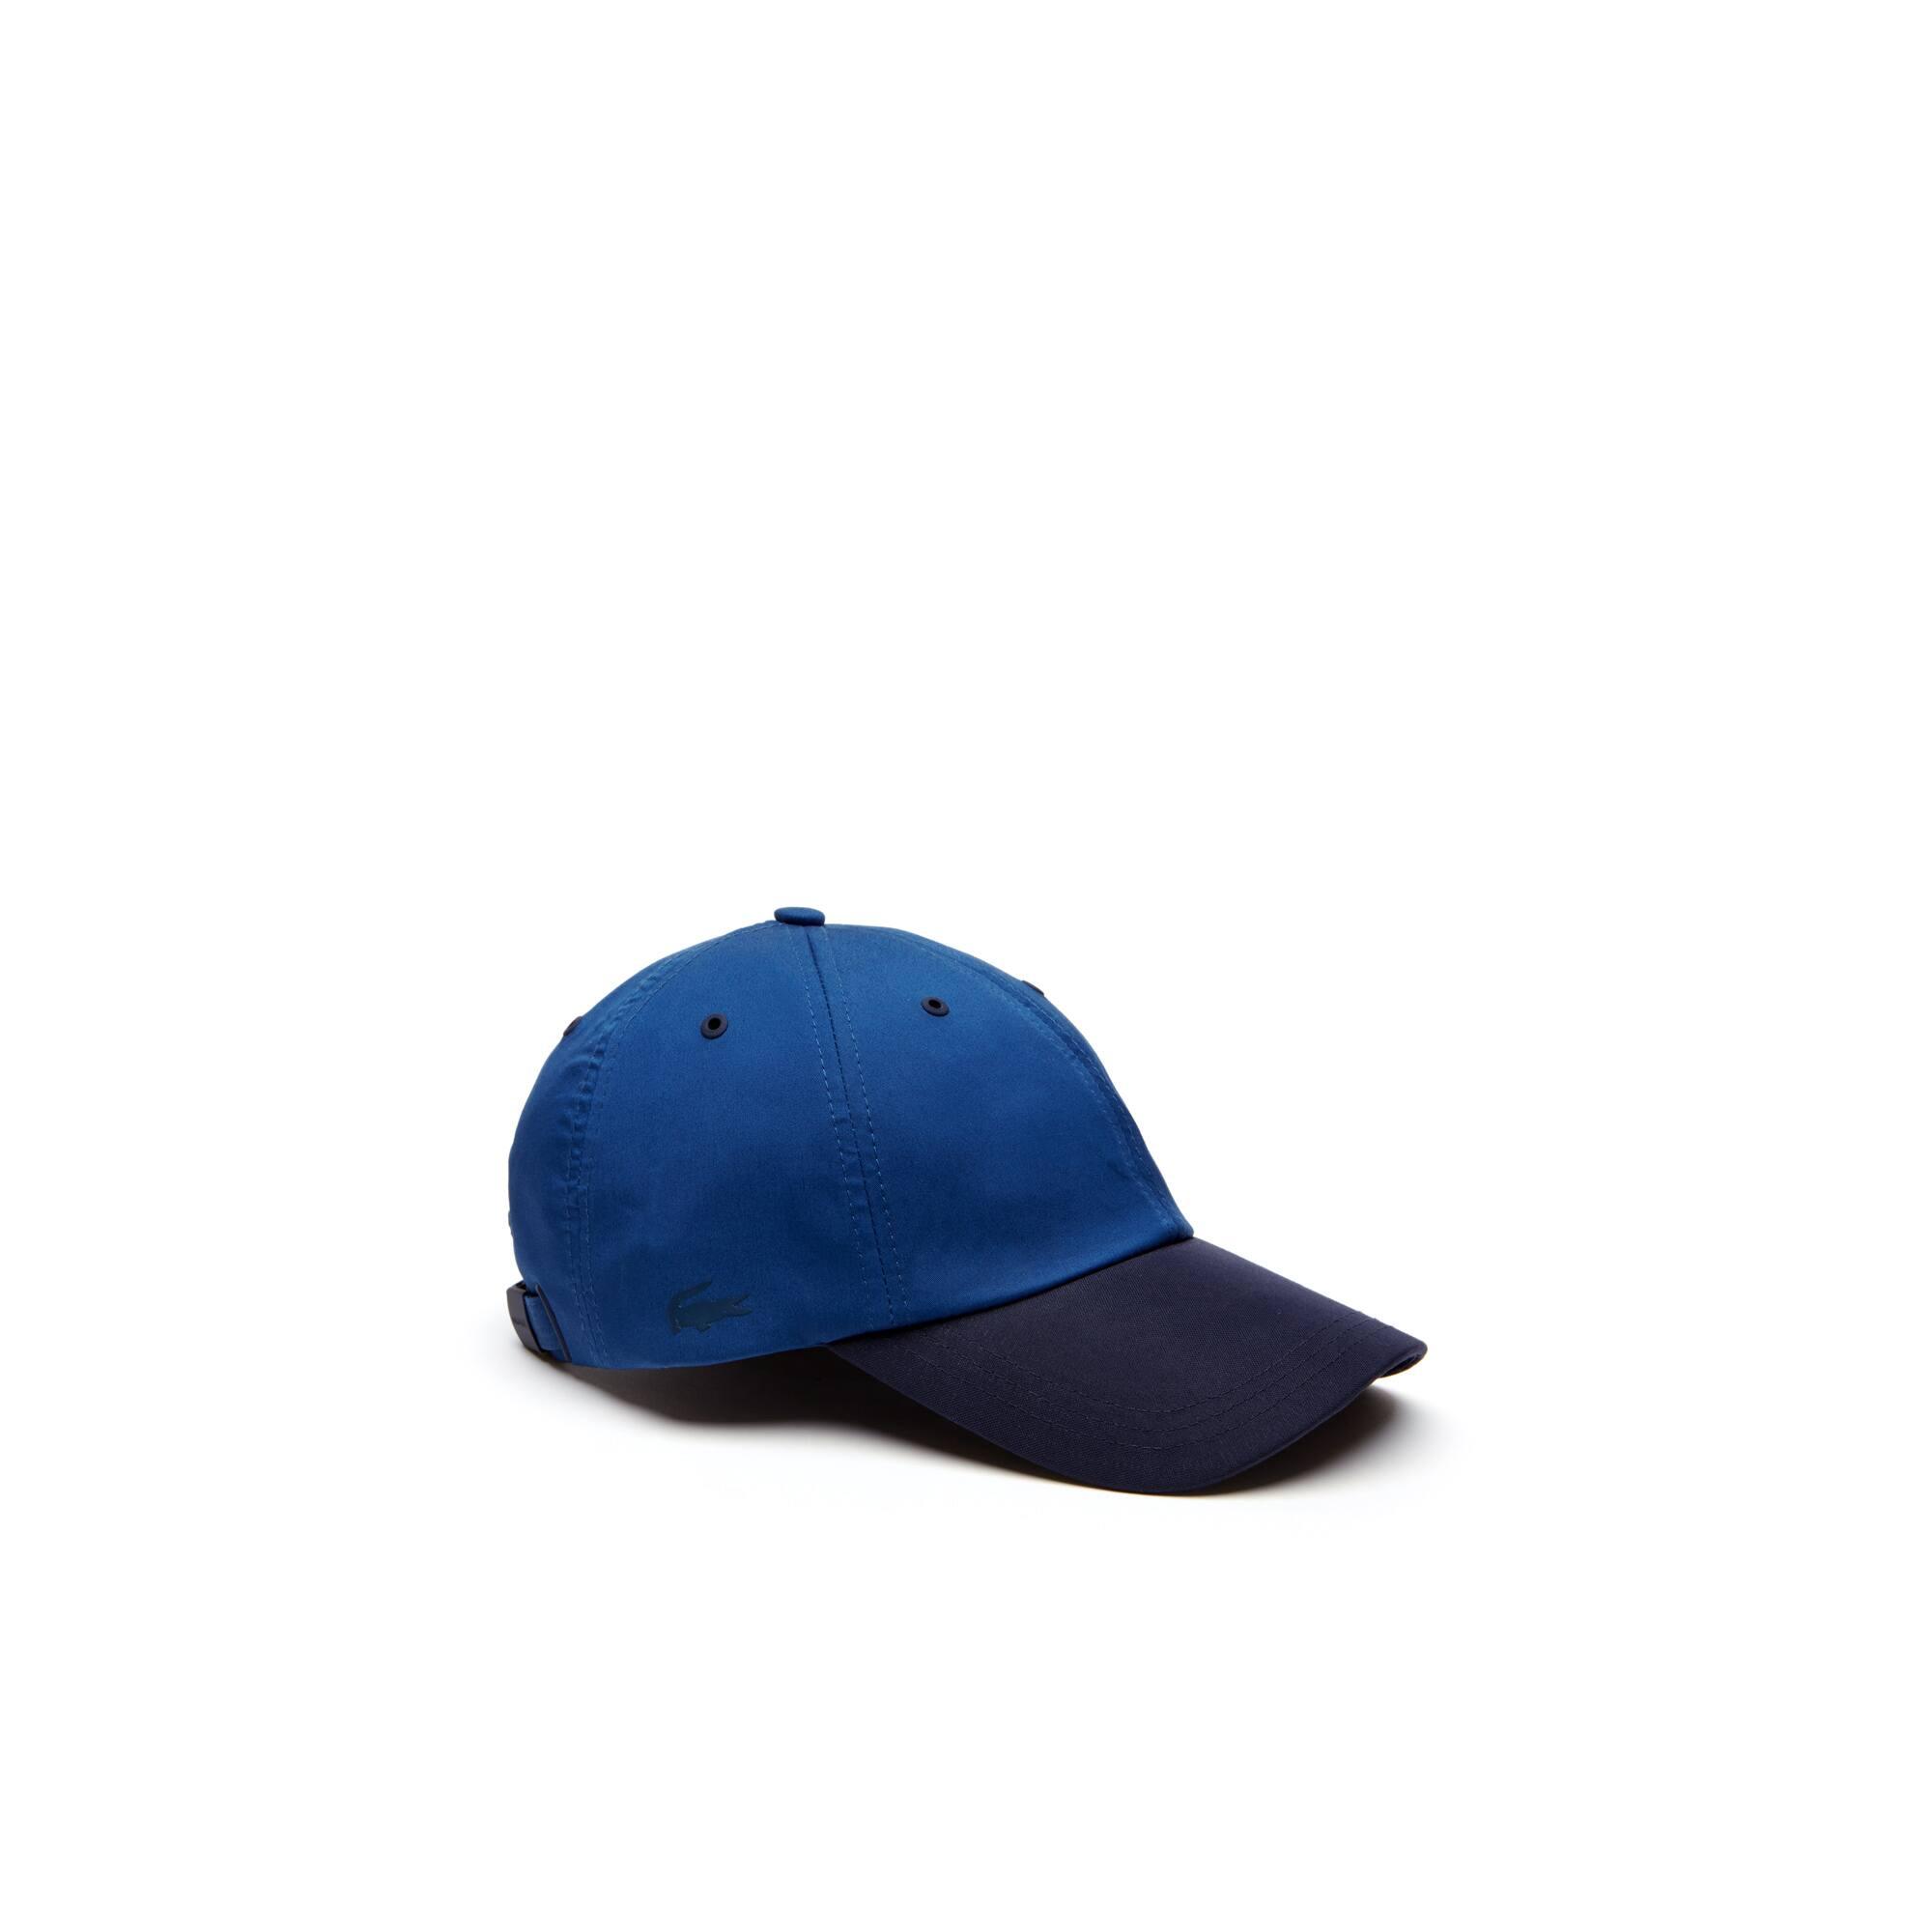 Men's Contrast Visor Stretch Cap